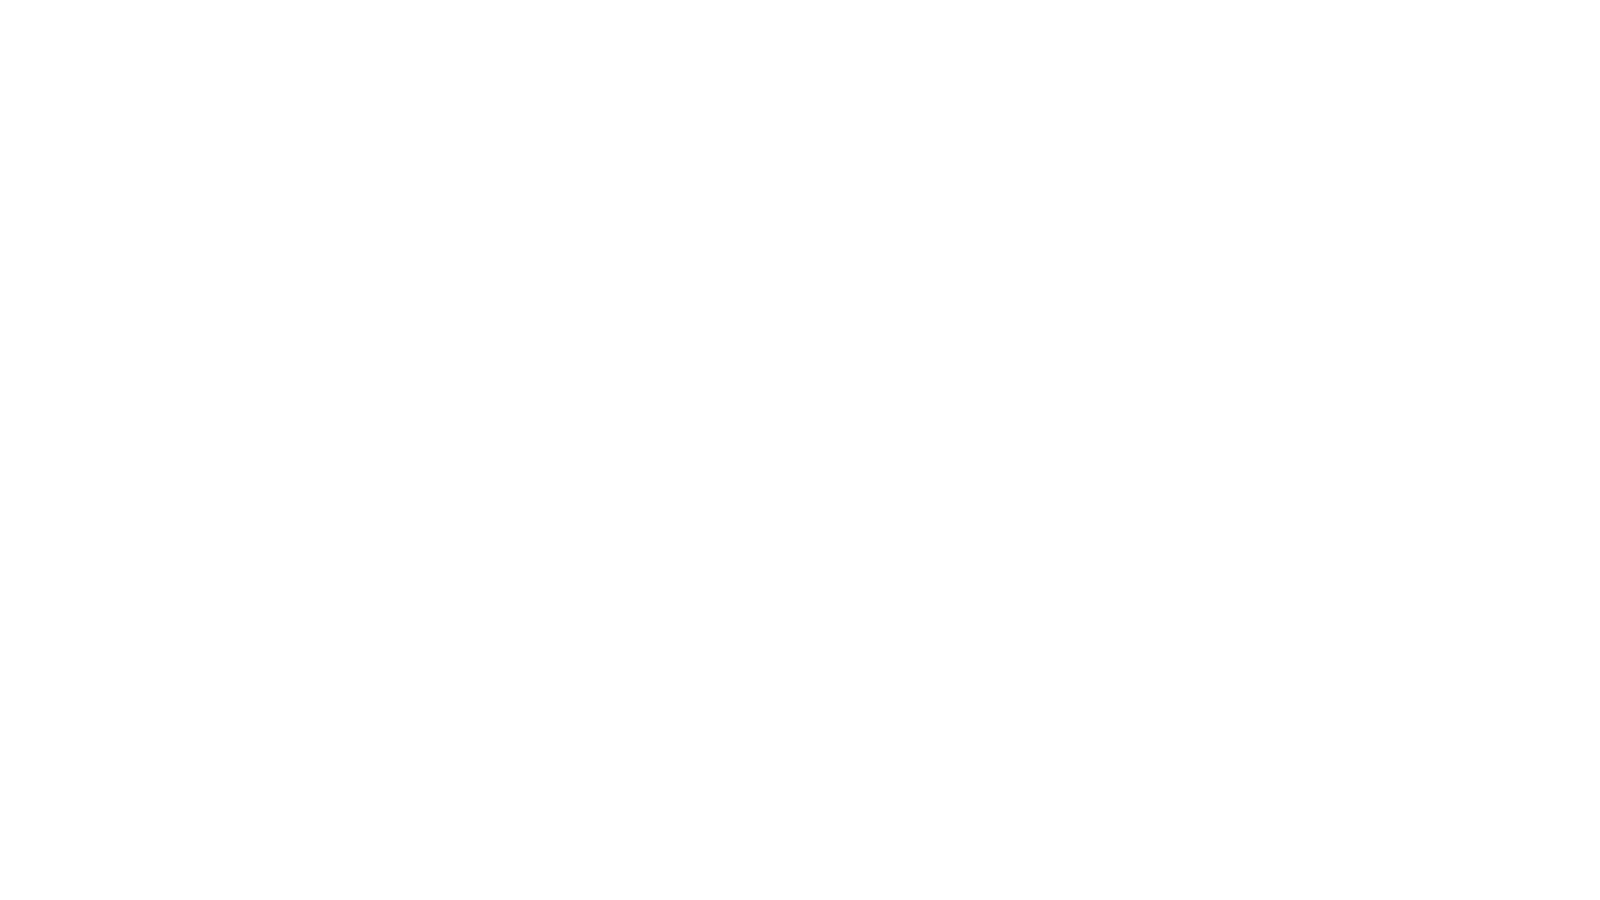 Cari, visto il momento sempre più incerto, questo #NOImeetingLIVE vedrà un'importante fetta di rappresentanza del territorio portare le proprie istanze ai referenti istituzionali con cui collaboriamo. NOI vogliamo #fareilbuonlavoro SEGUITECI! https://www.facebook.com/nuovaorganizzazioneimprese.org/videos/1396015020755105  https://www.nuovaorganizzazioneimprese.org/#Newsletter